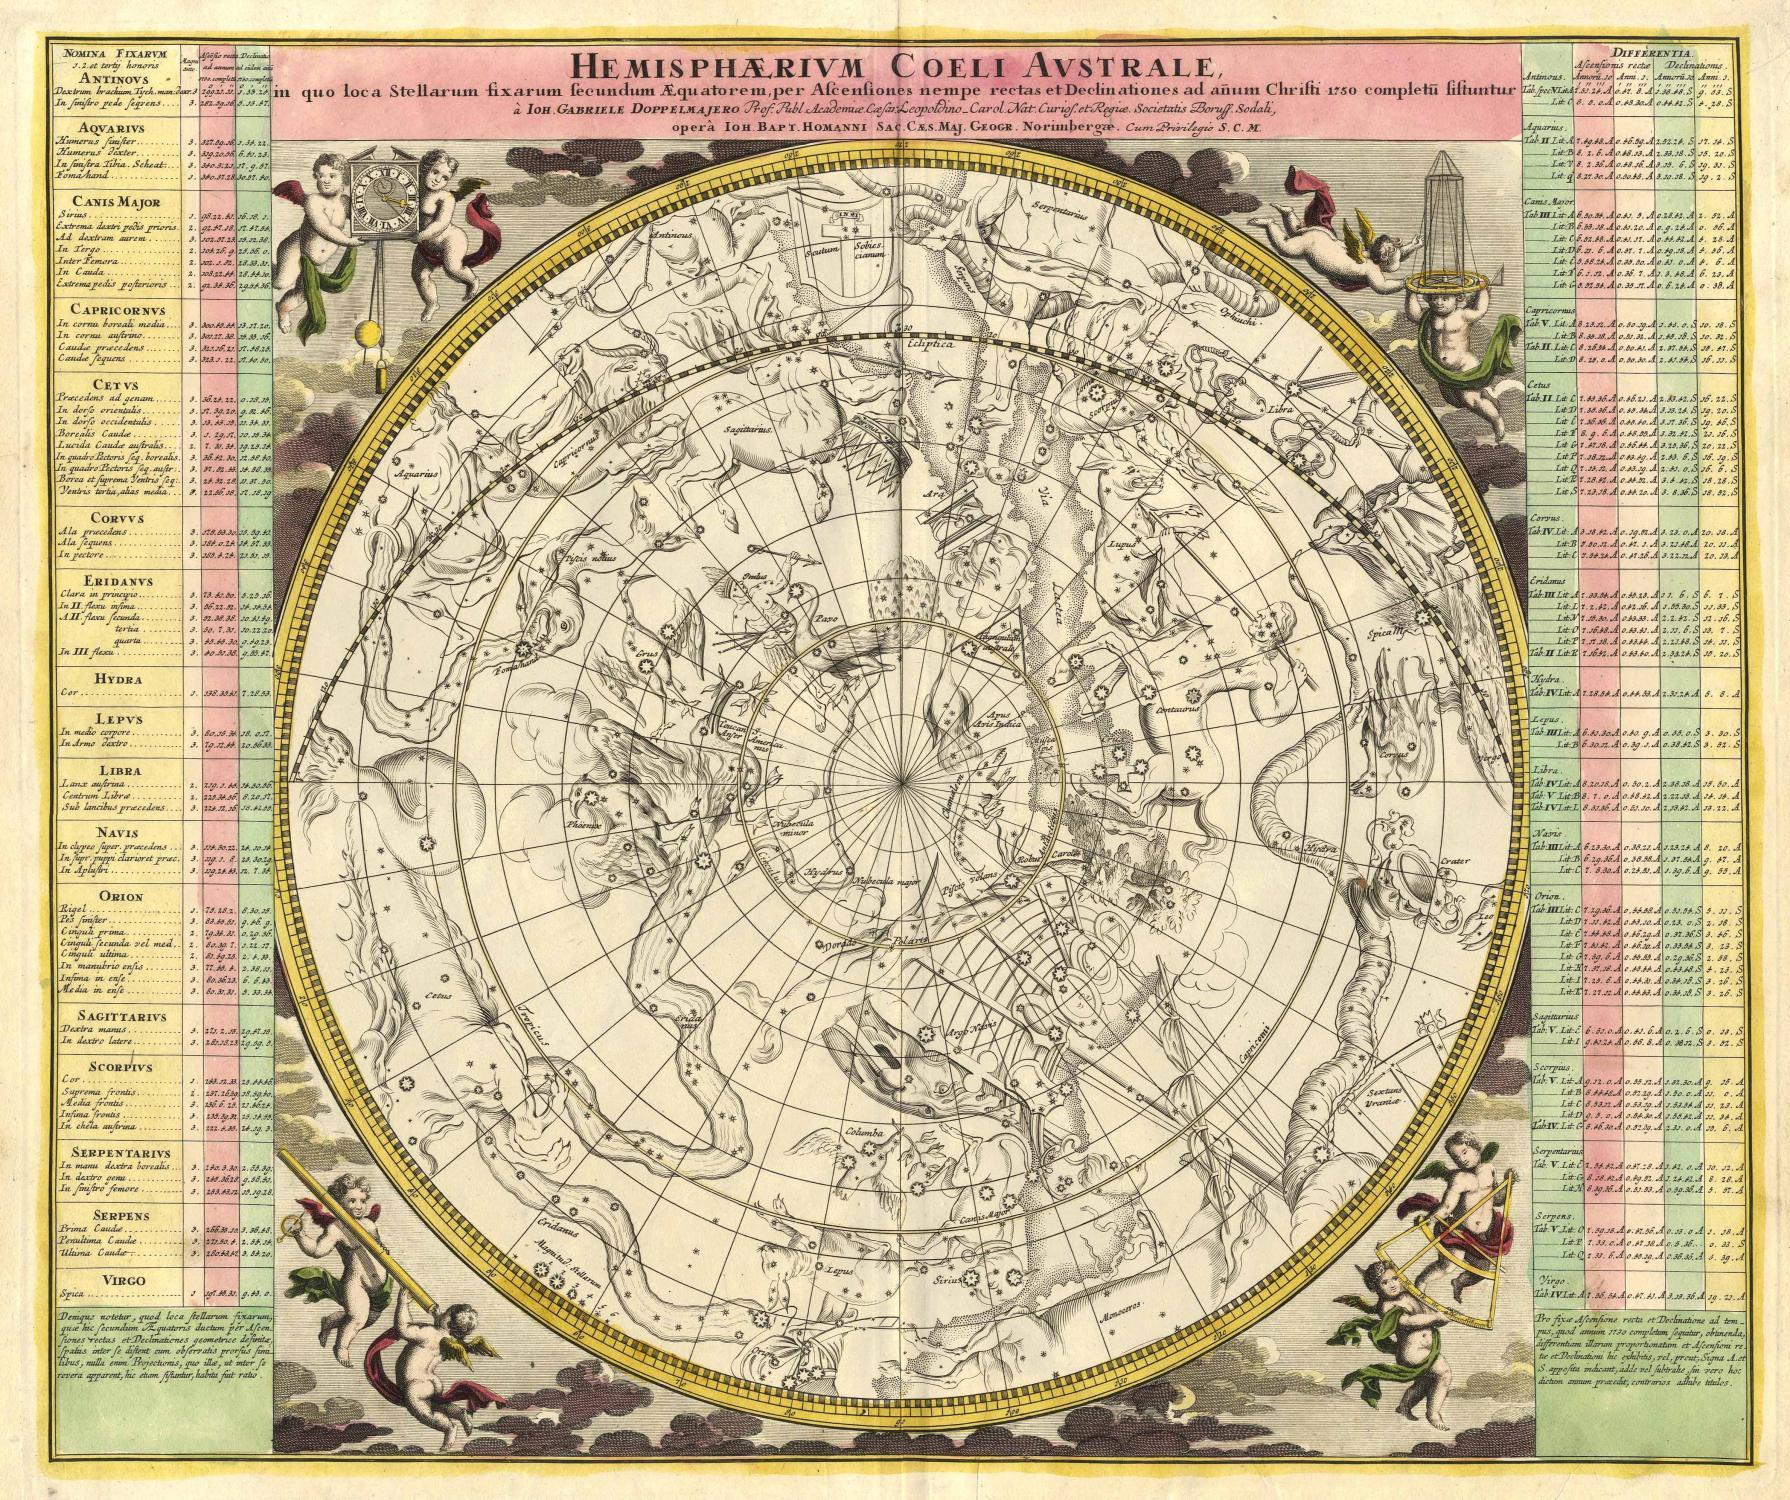 Hemisphaerium Coeli Australe, in quo loca Stellarum fixarum secundum Aequatorem, per Ascensiones nempe rectas et Declinationes ad anum Christi 1730 completu sistuntur â Ioh